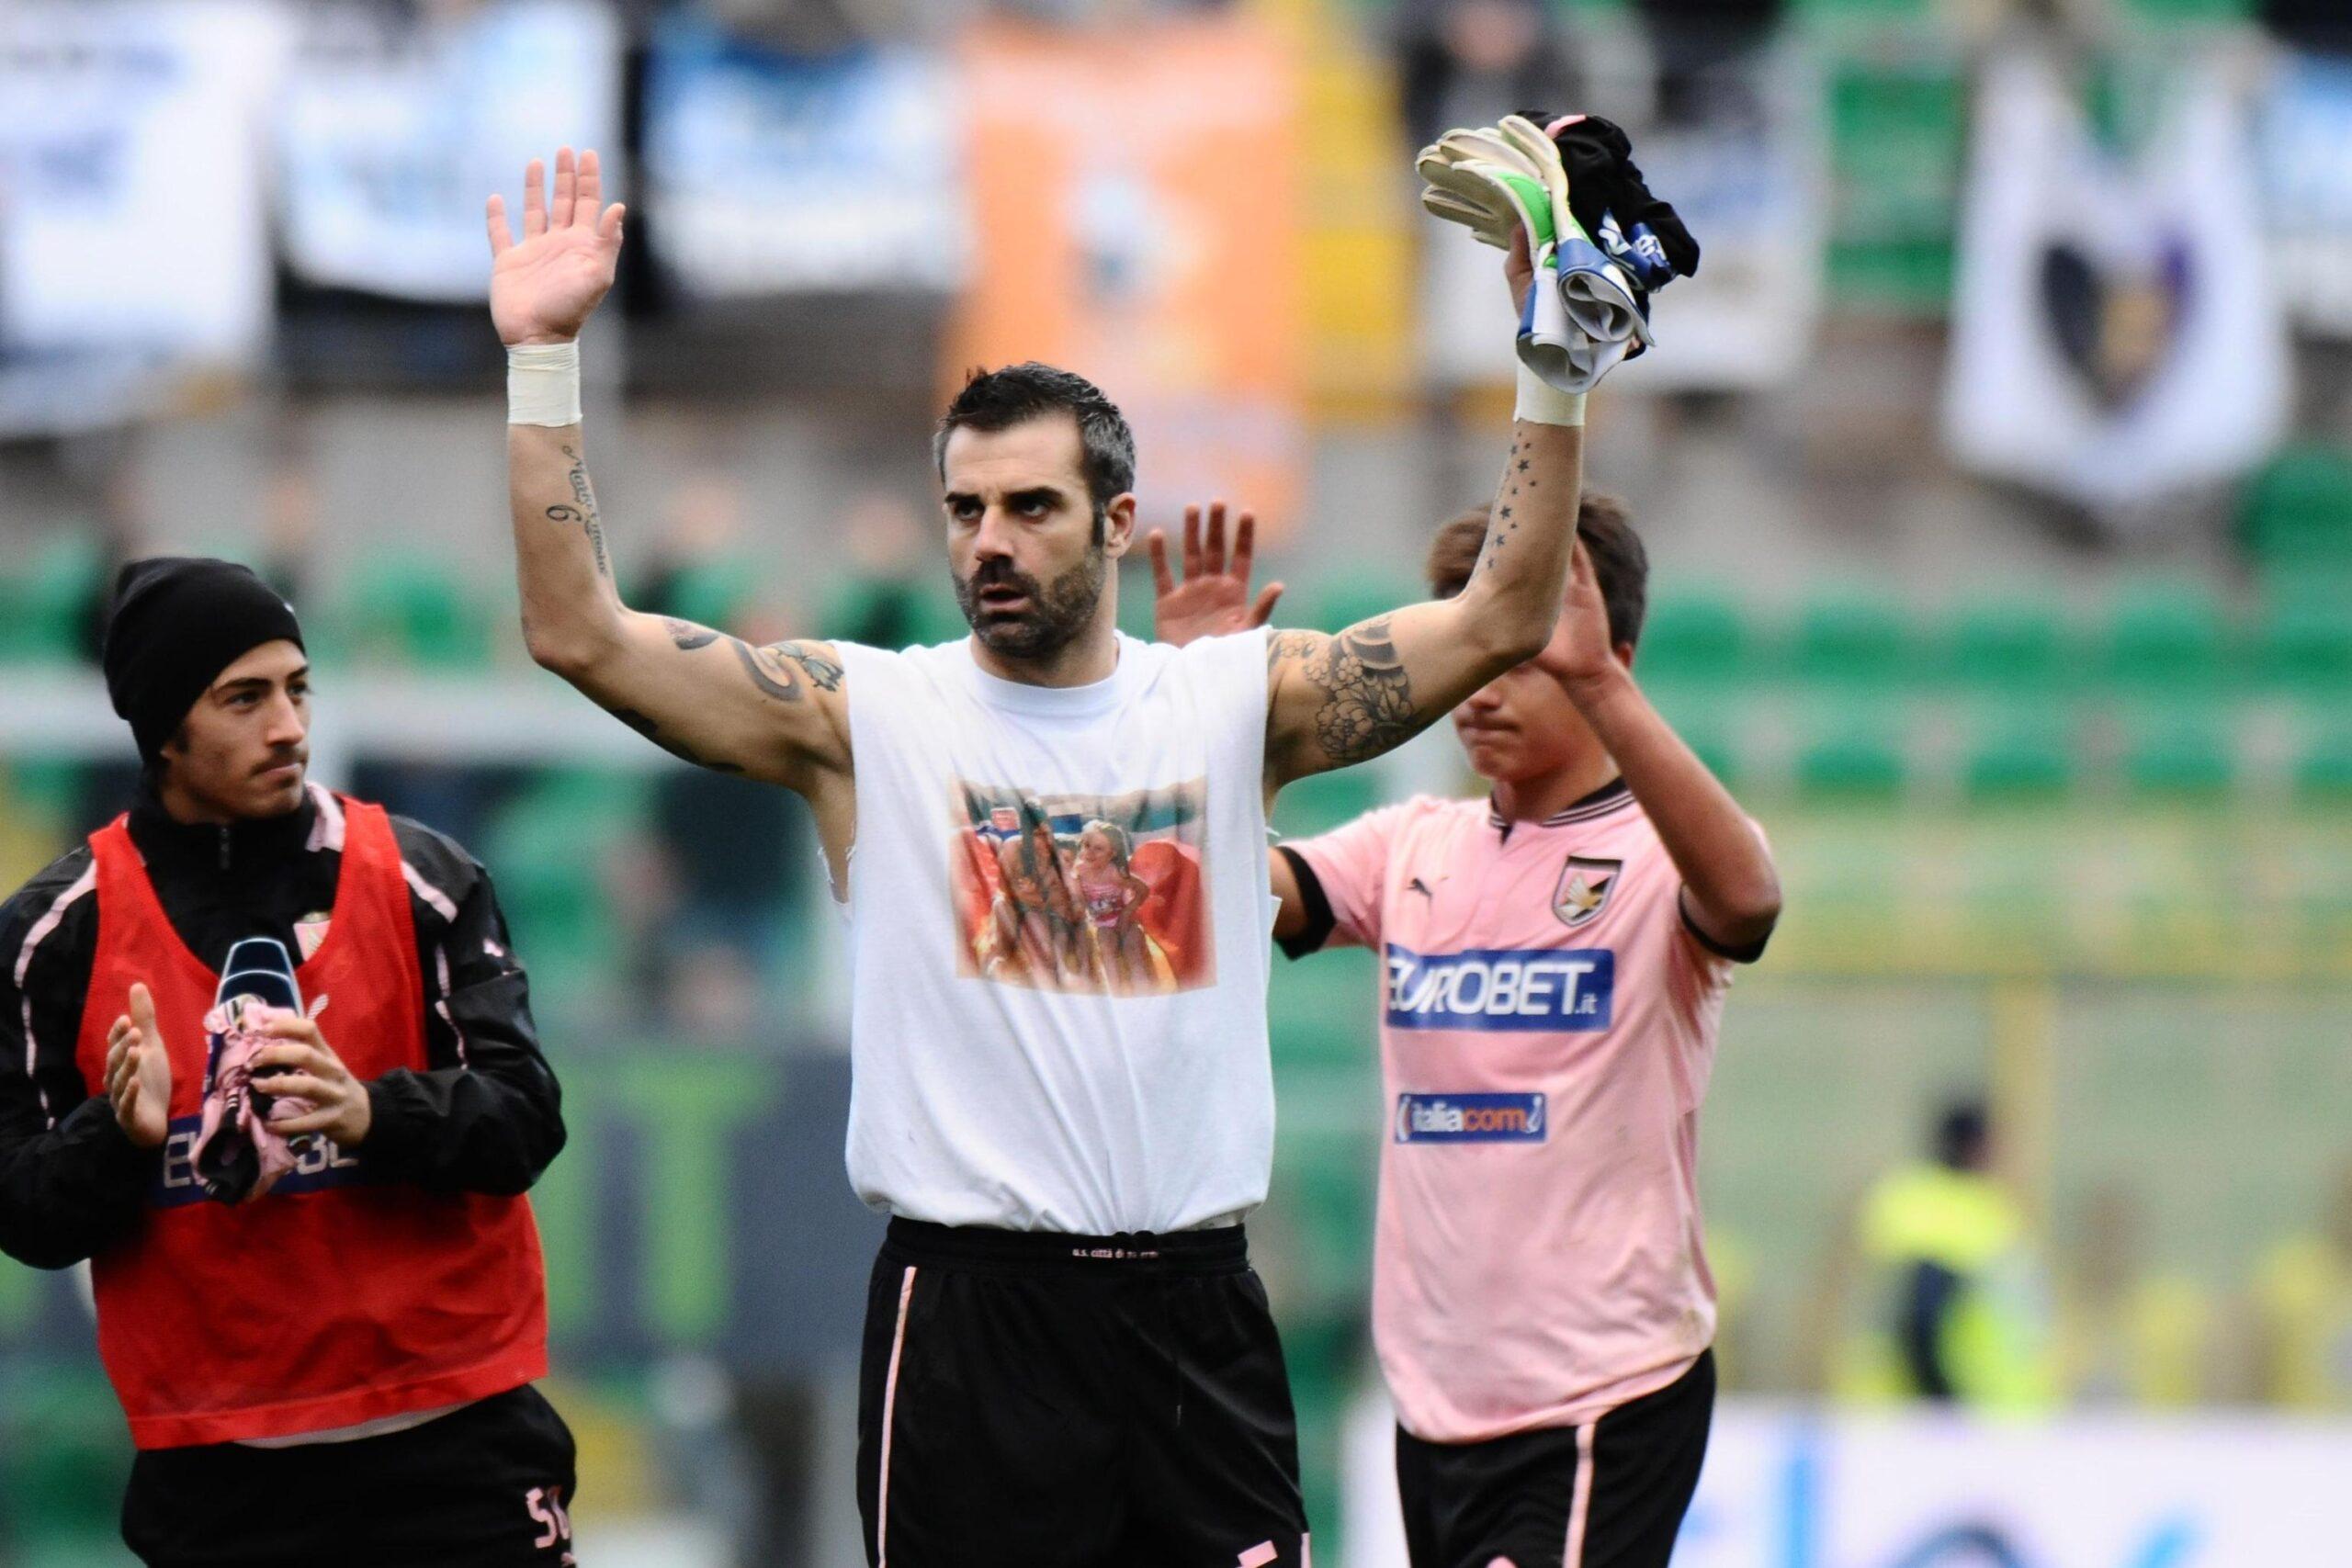 il portiere Sorrentino con la maglia del Palermo